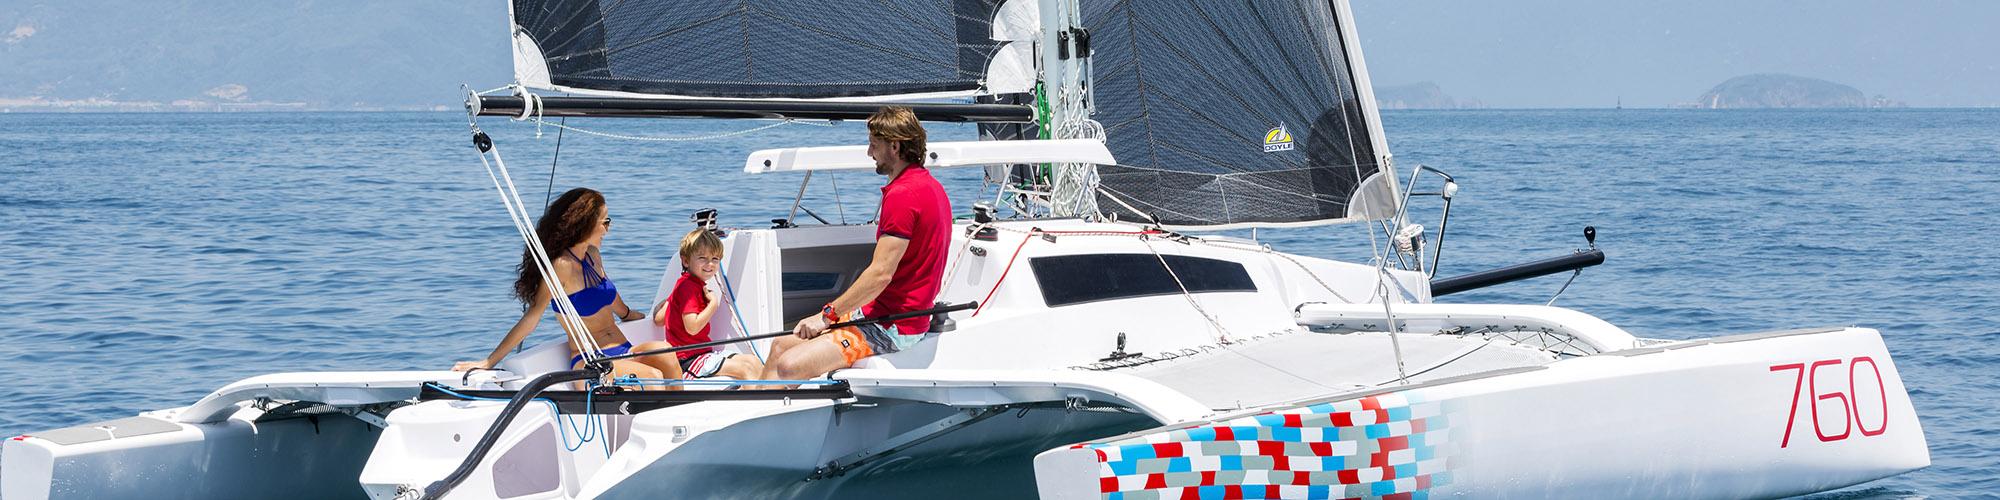 corsair 760 trimaran | High performance multihull sailboat